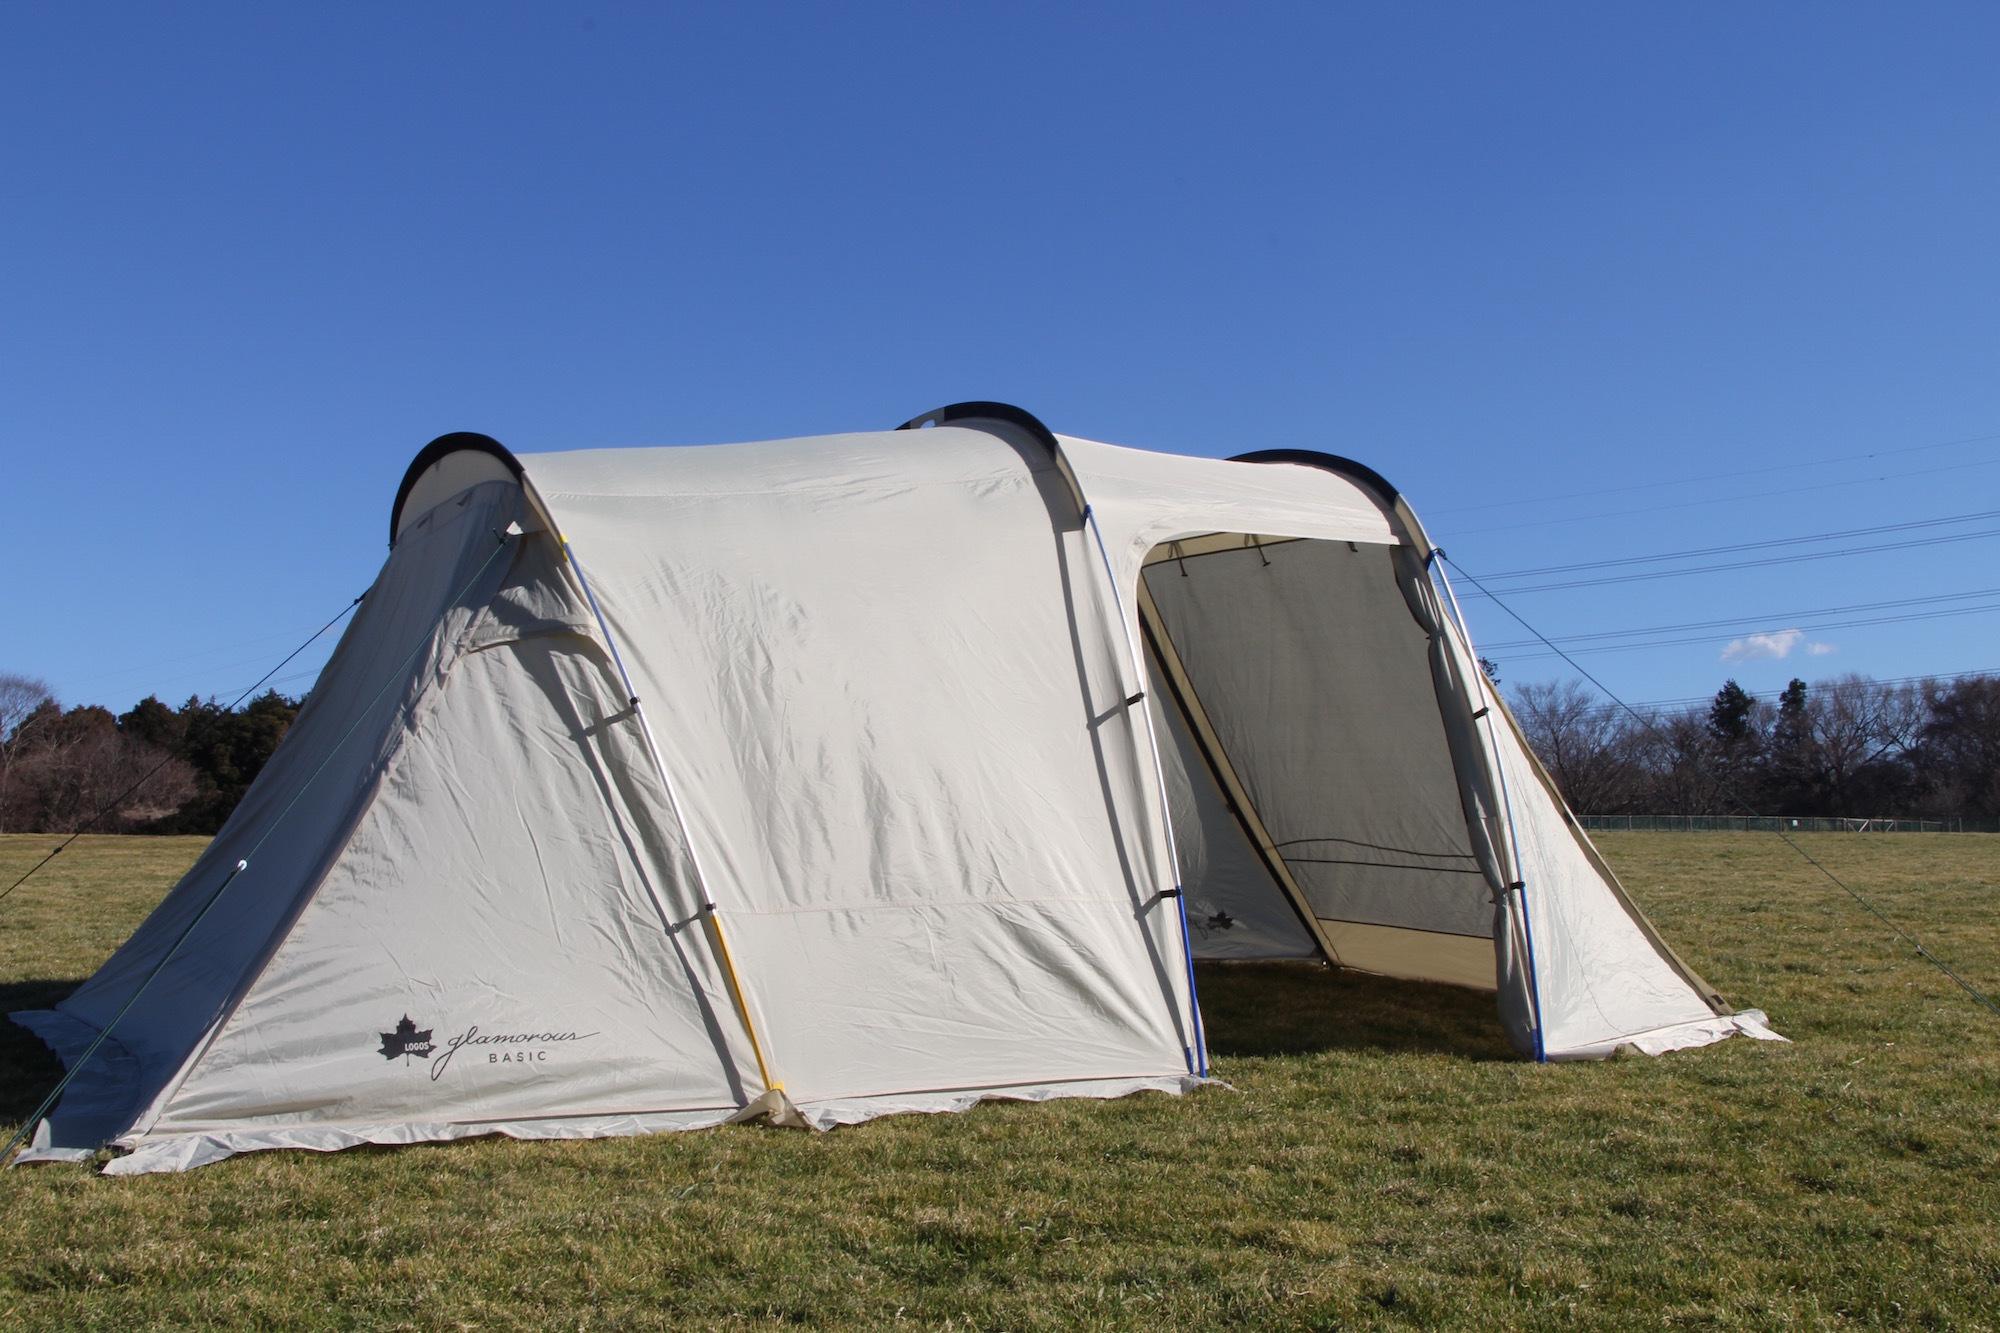 2017春新登場「ロゴス グランベーシック」を先取り!実際にテントを立ててみました!